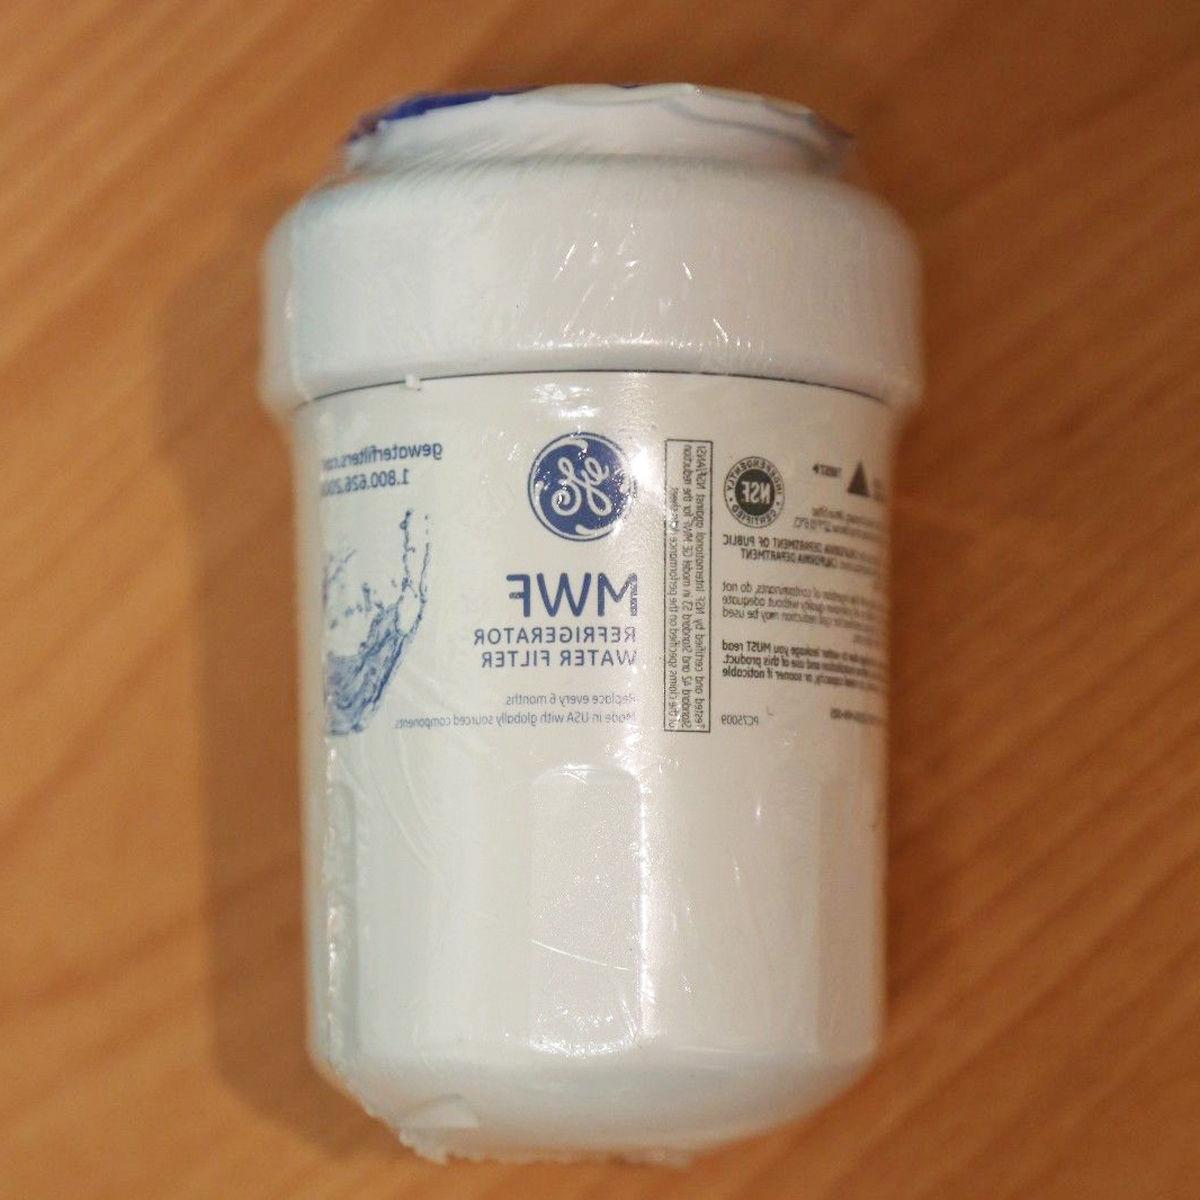 Genuine MWF GWF Smartwater Water